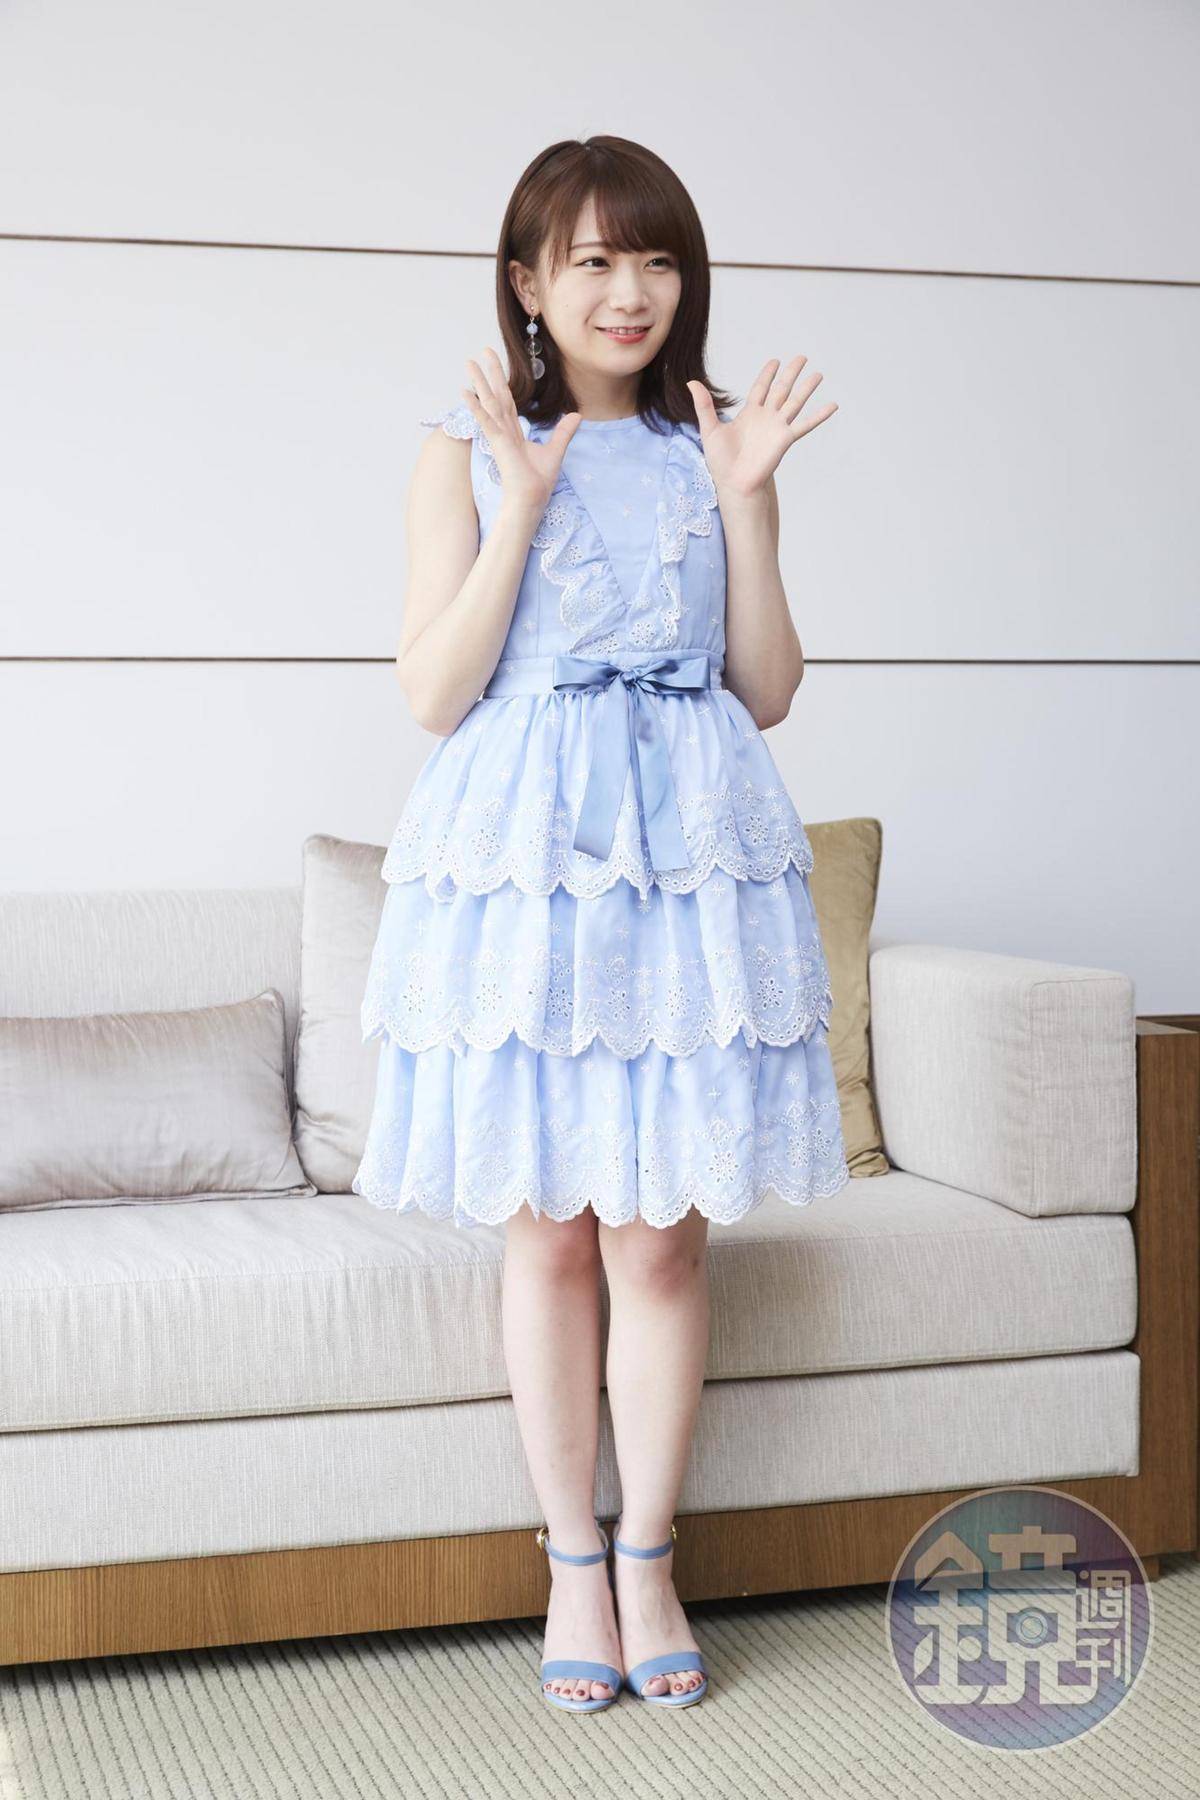 秋元真夏被記者說長相神似福原愛,她笑說在日本新聞常看到小愛與江宏傑這對甜蜜夫婦的報導。